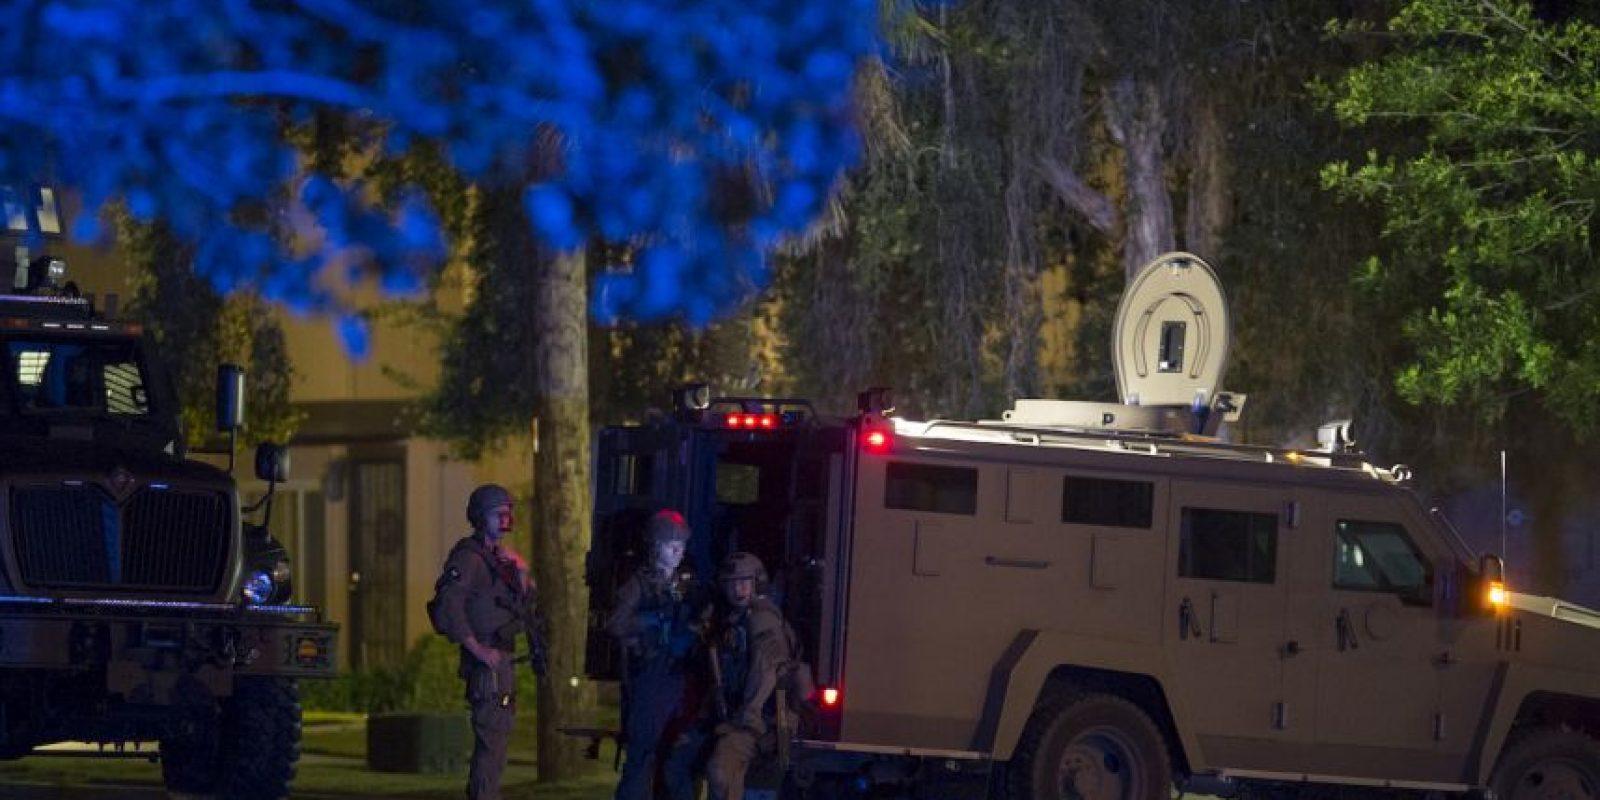 Simpatizantes del grupo terroristas celebraron la masacre a través de sus redes sociales. Foto:Getty Images